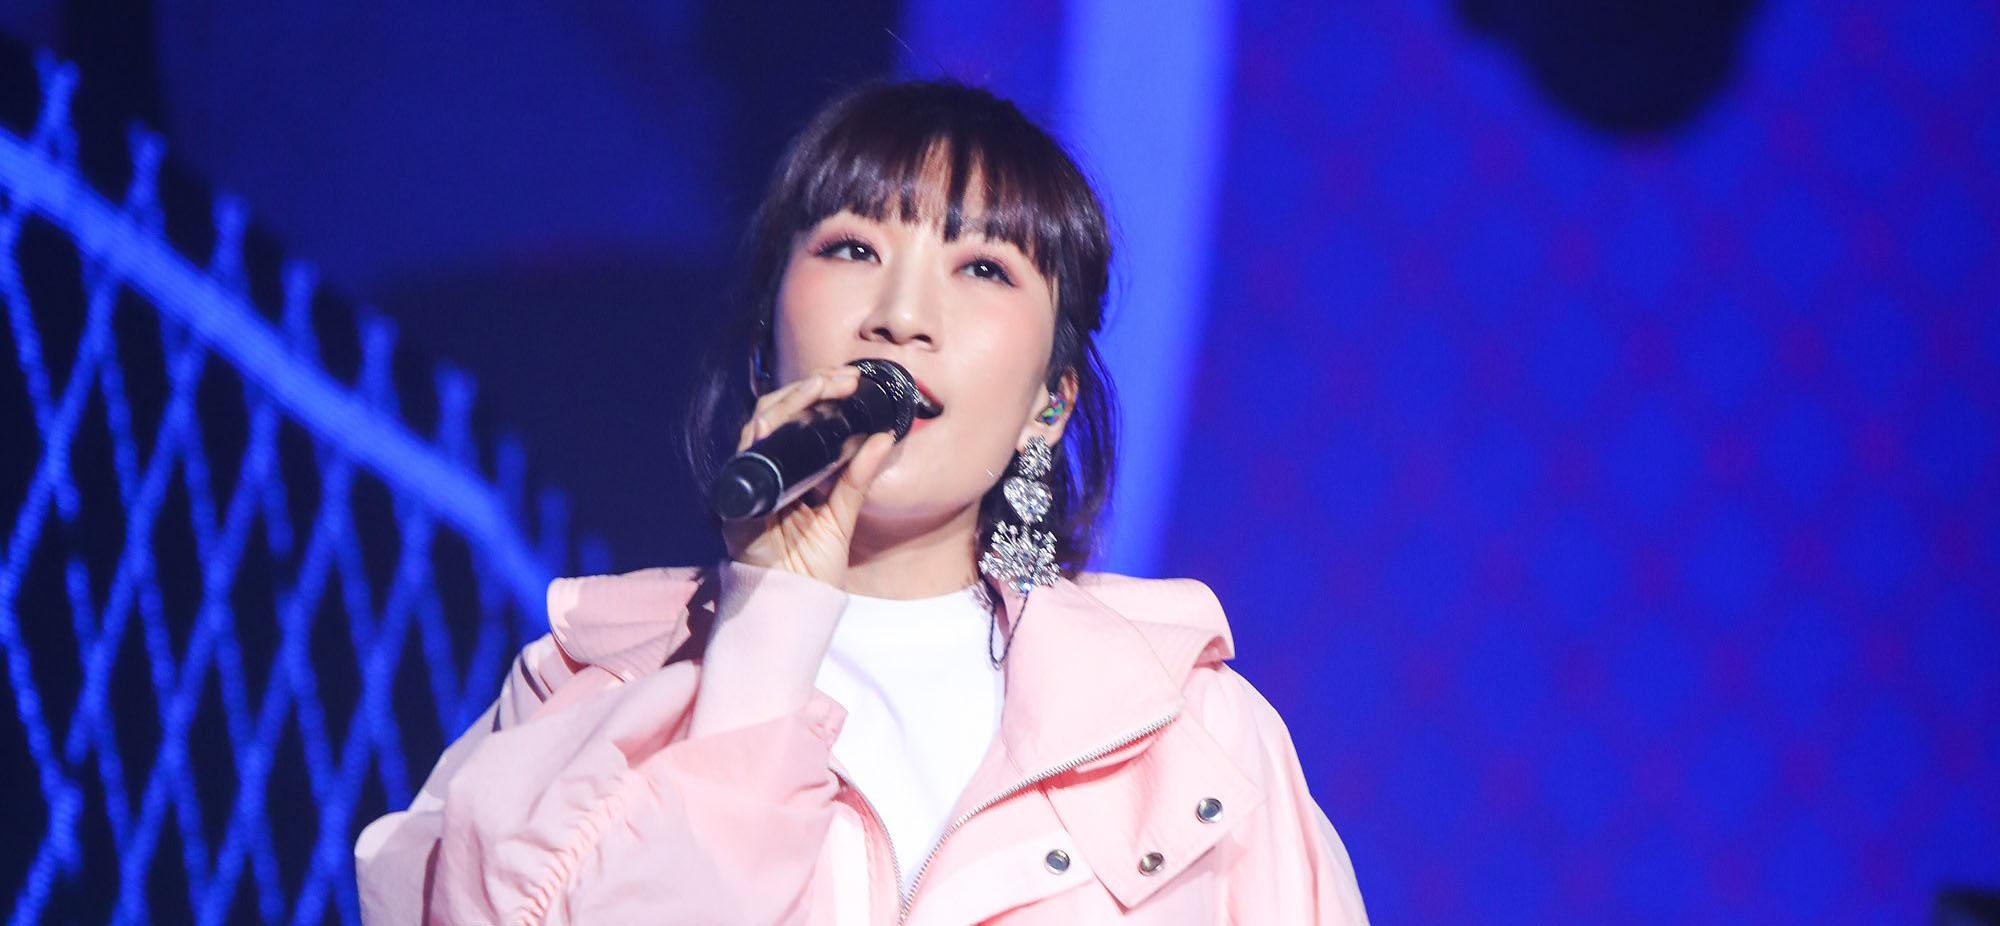 阿肆专场演出将于10月在杭州举行